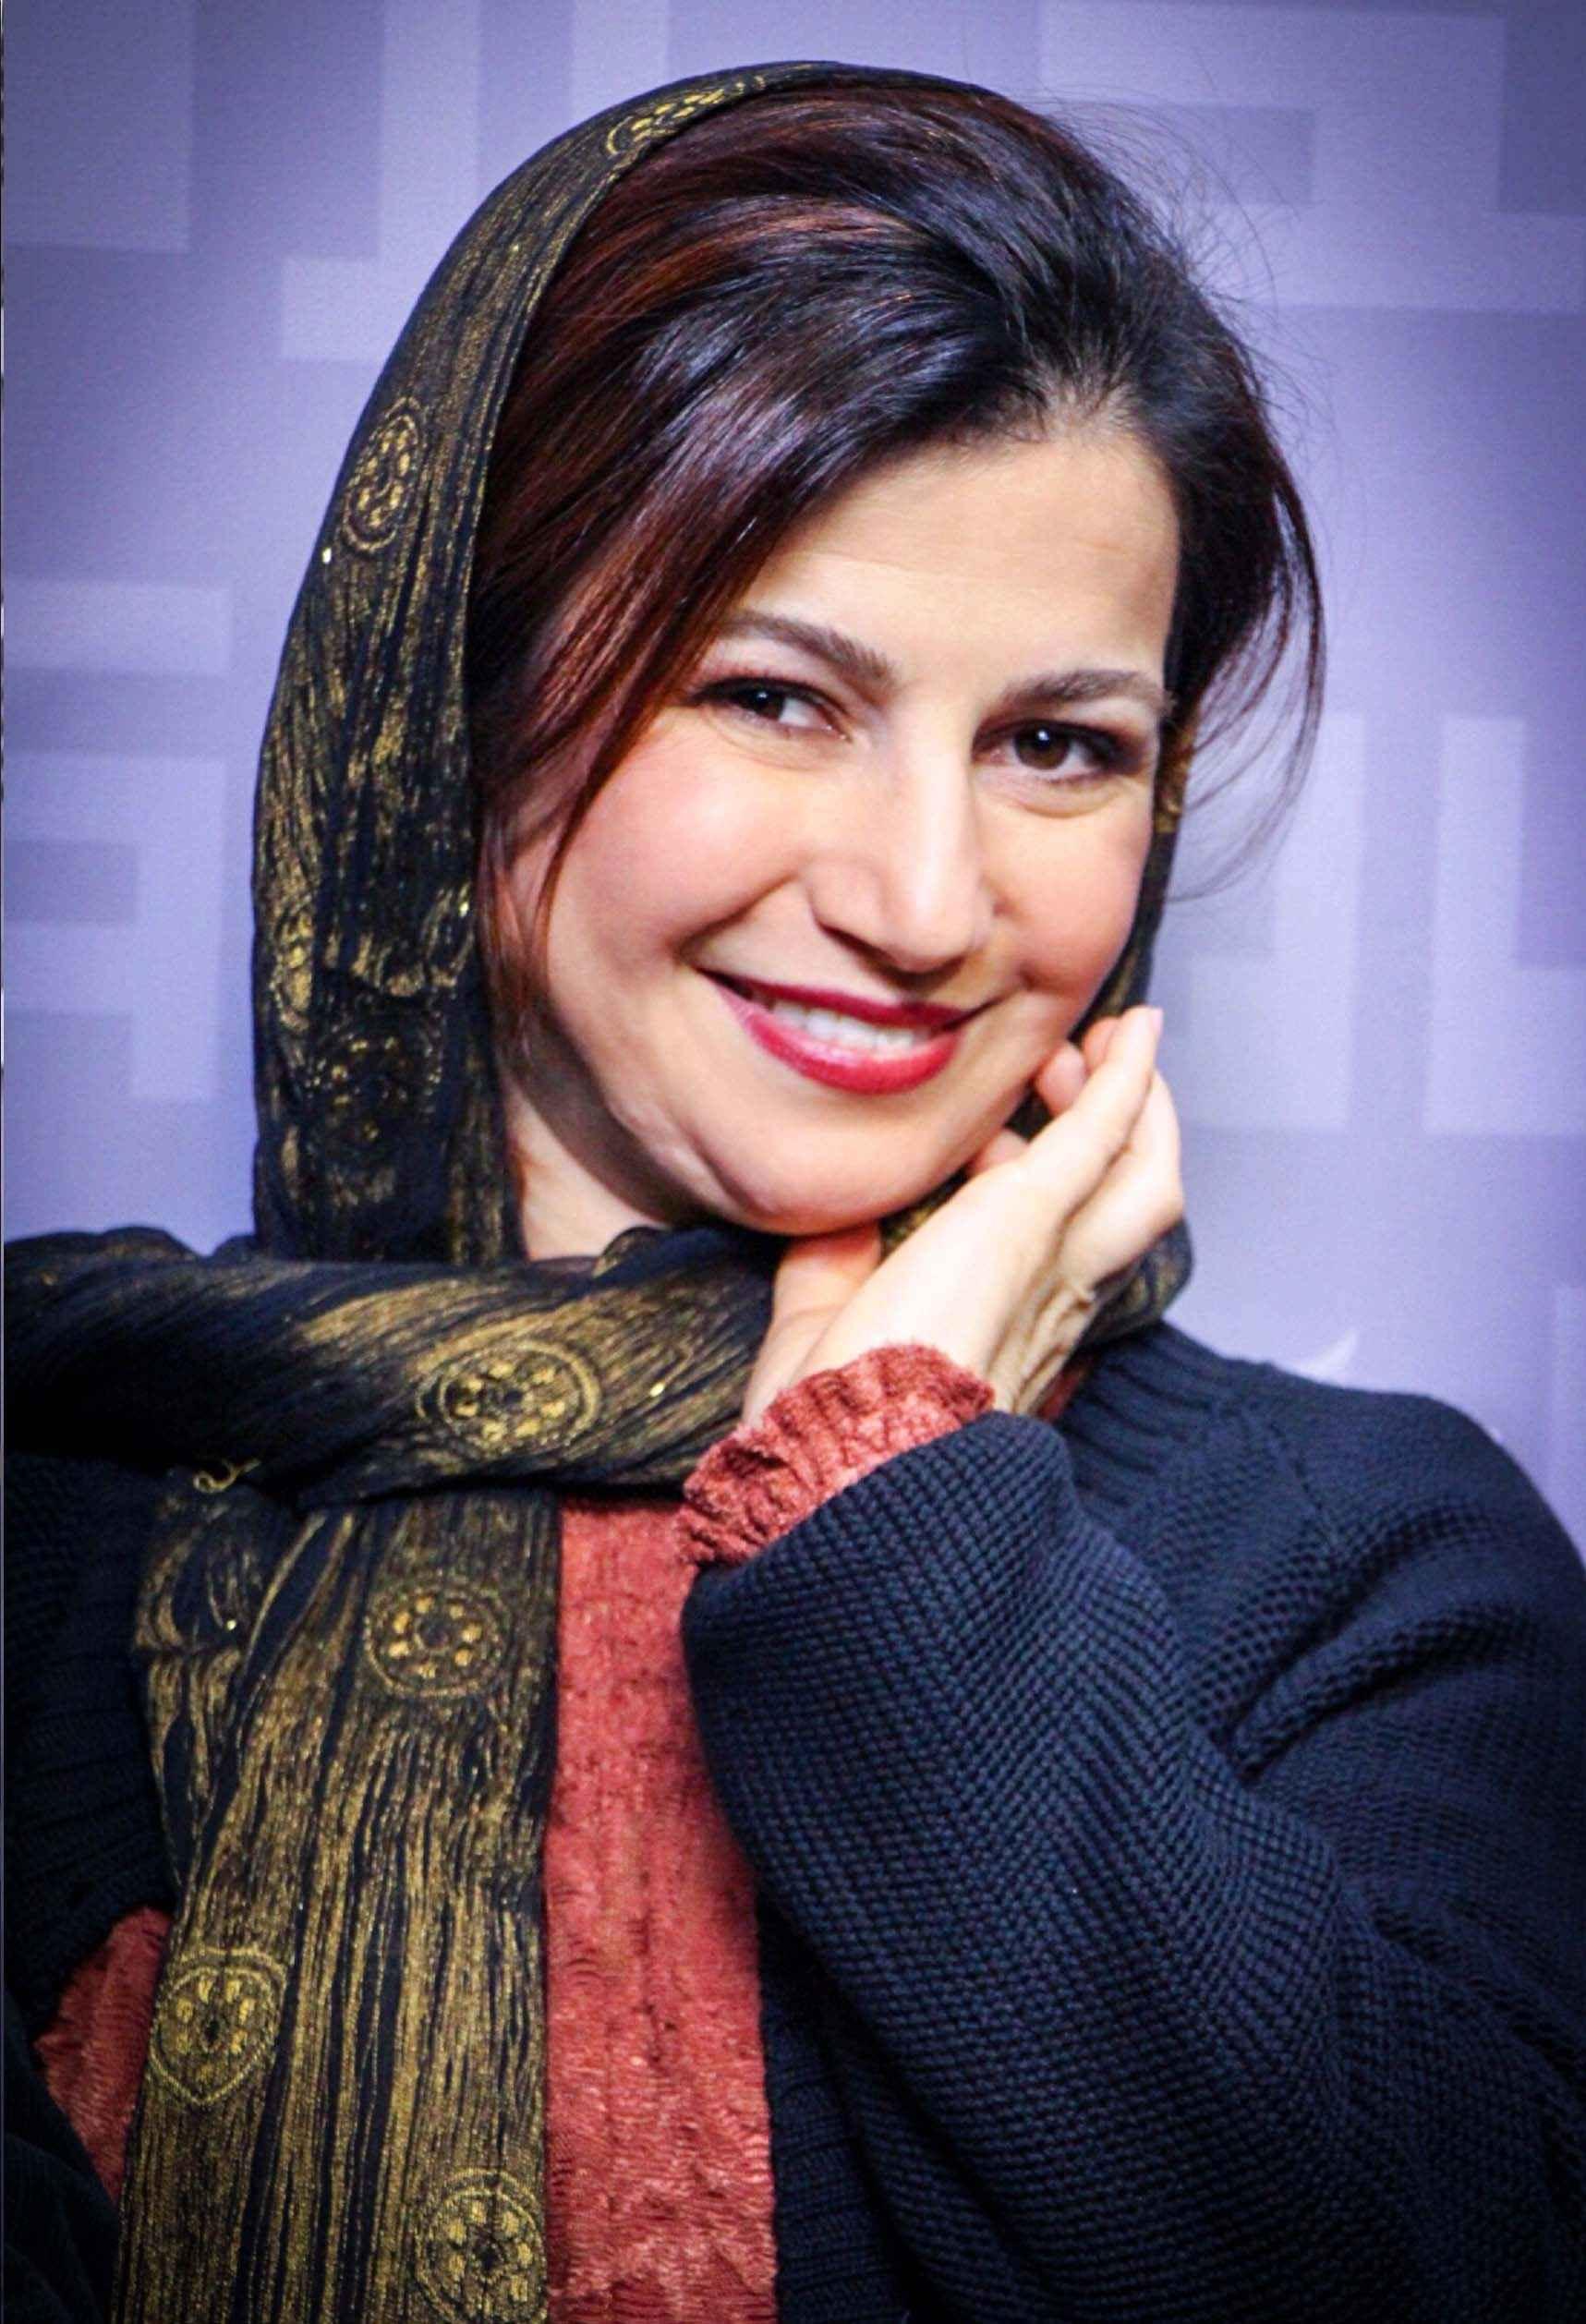 لیلی رشیدی بازیگر در جشنواره فیلم فجر